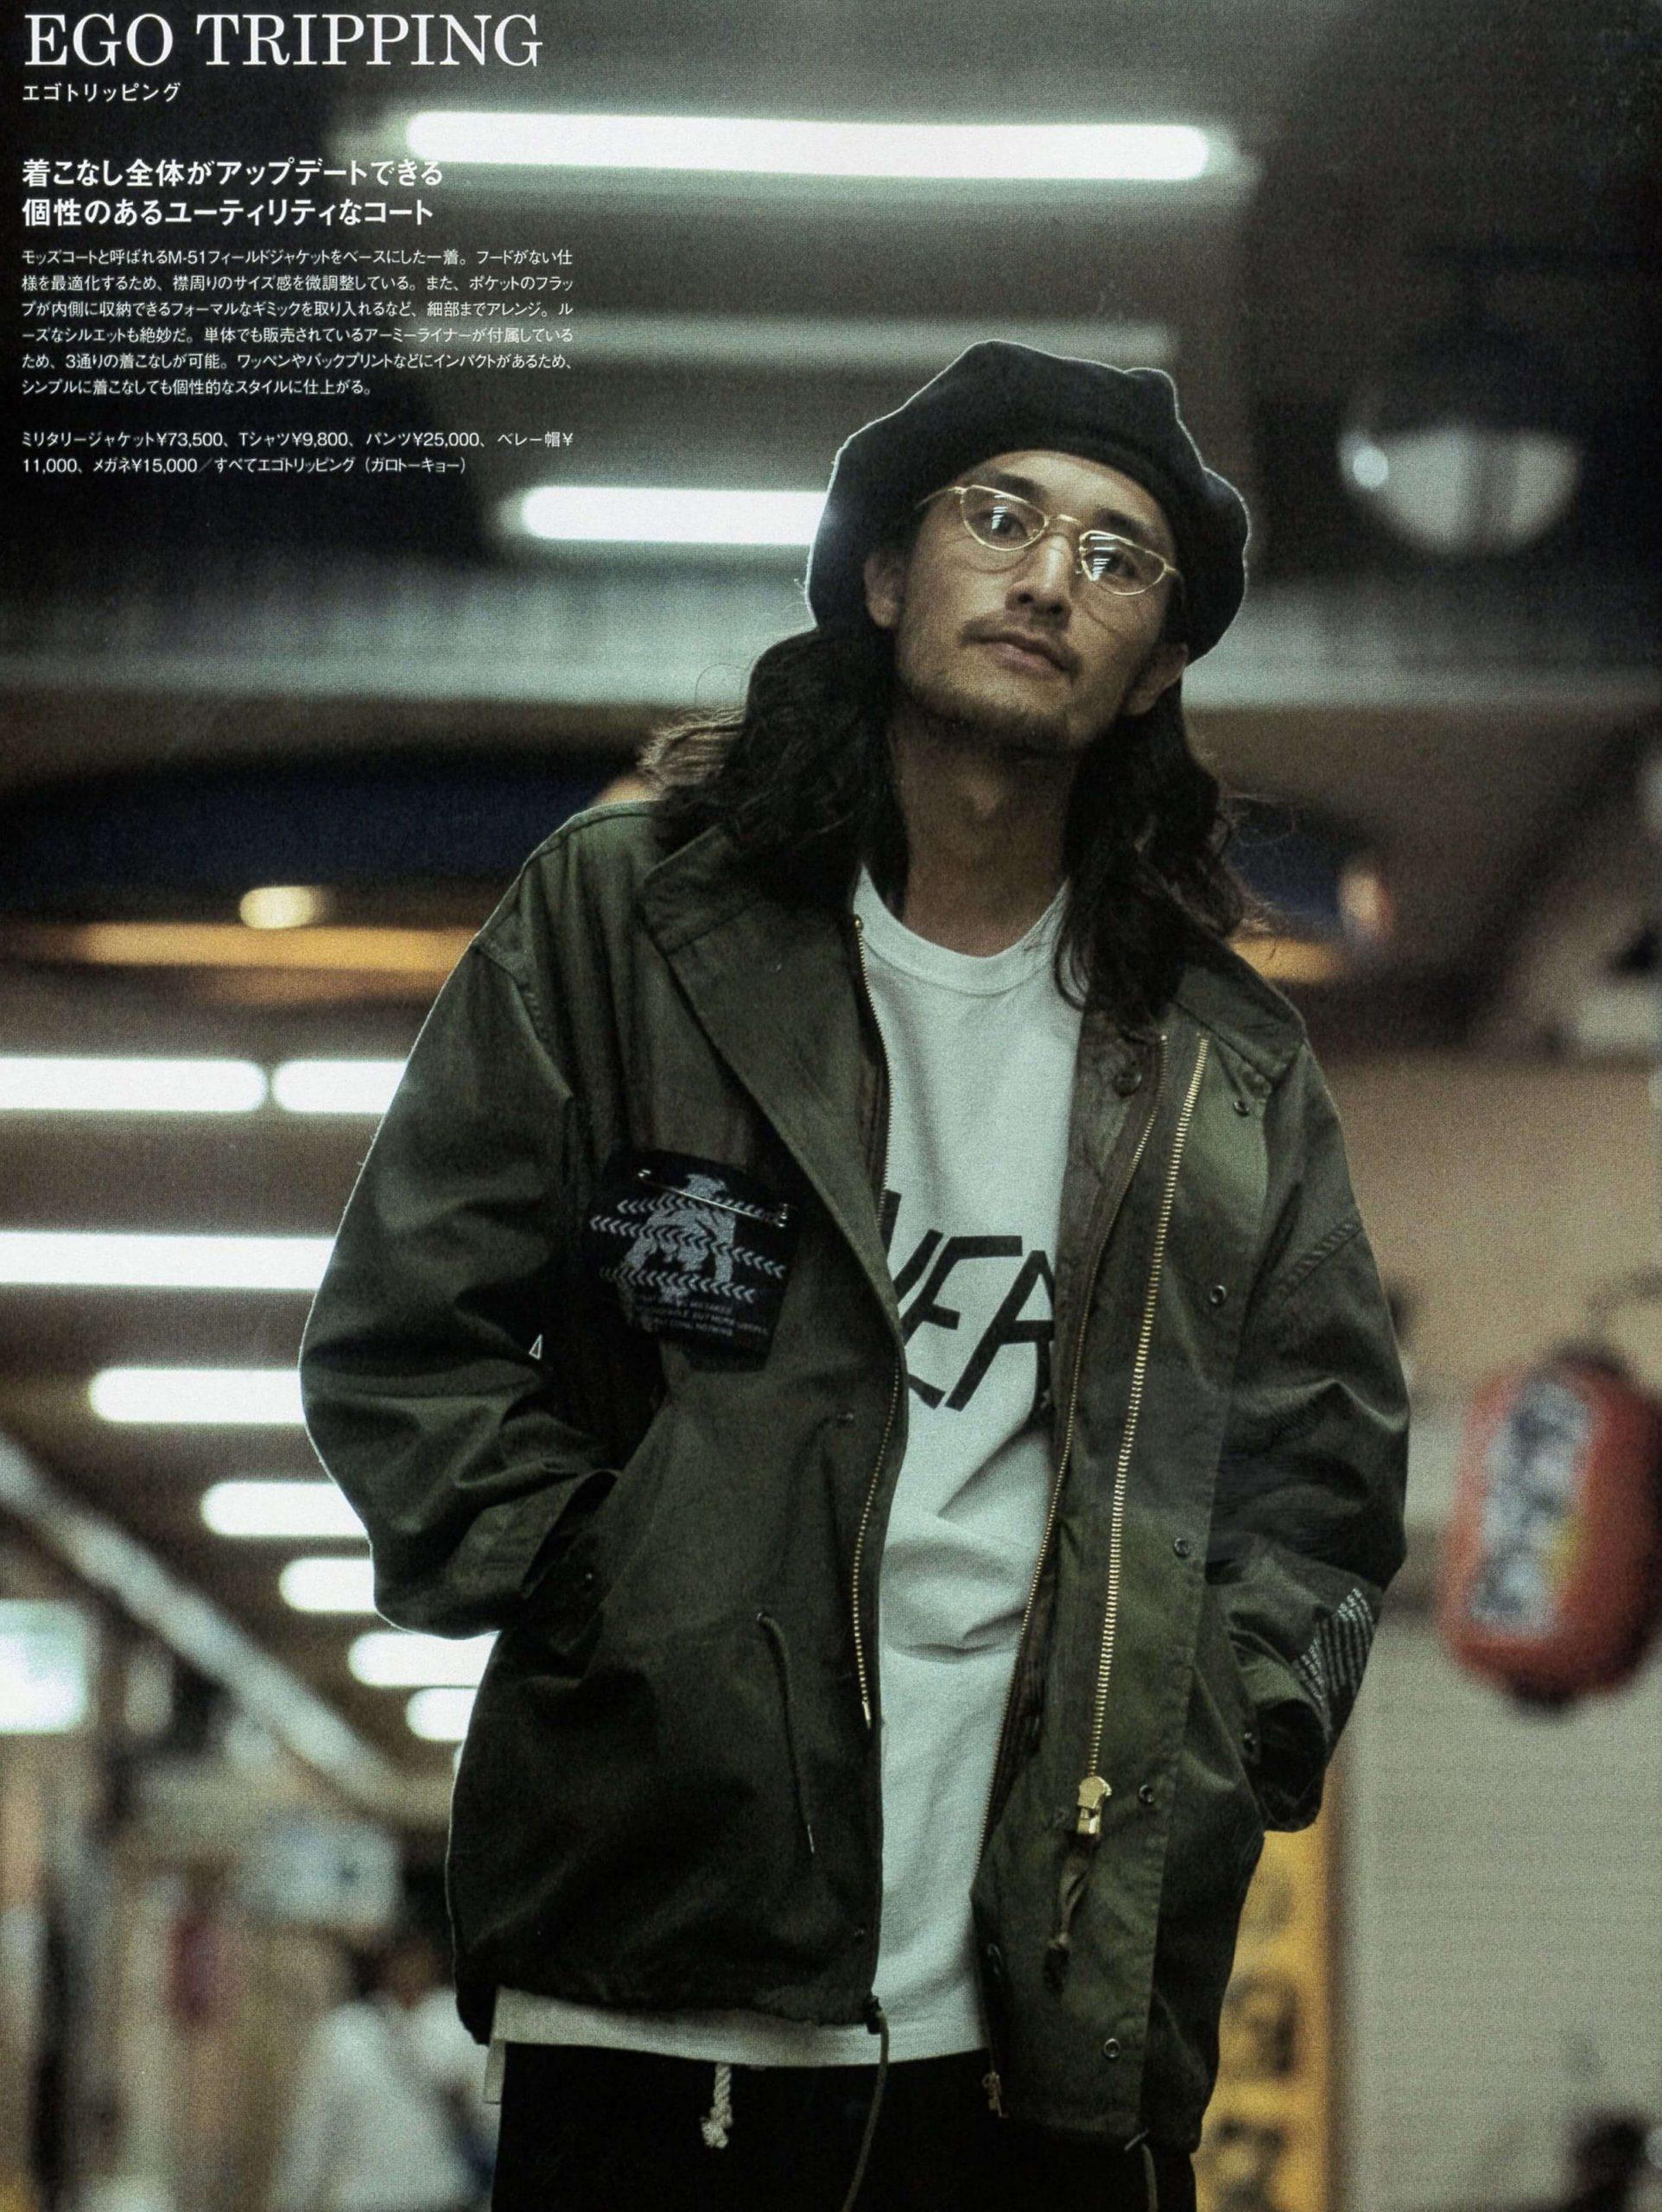 澤野 健太郎<span>/ BARK in STYLe</span>